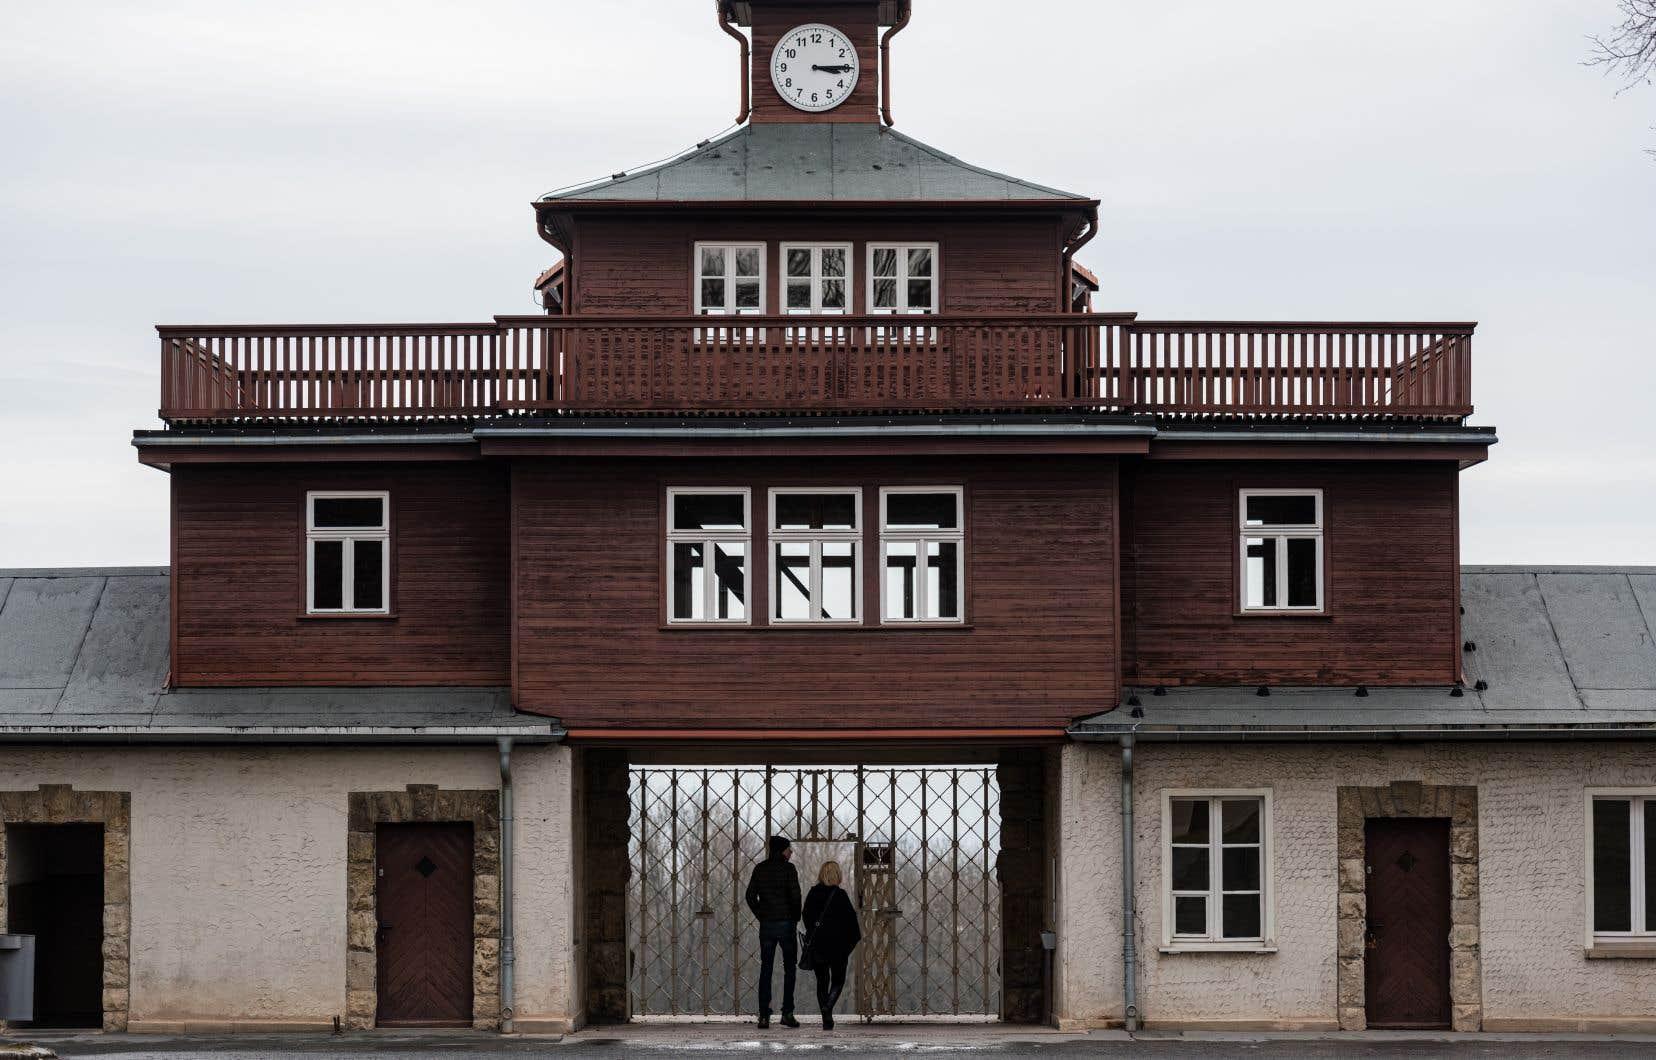 Entre sa création en 1937 et sa libération en avril 1945 par ses propres prisonniers, quelque 56000 personnes périrent à Buchenwald.